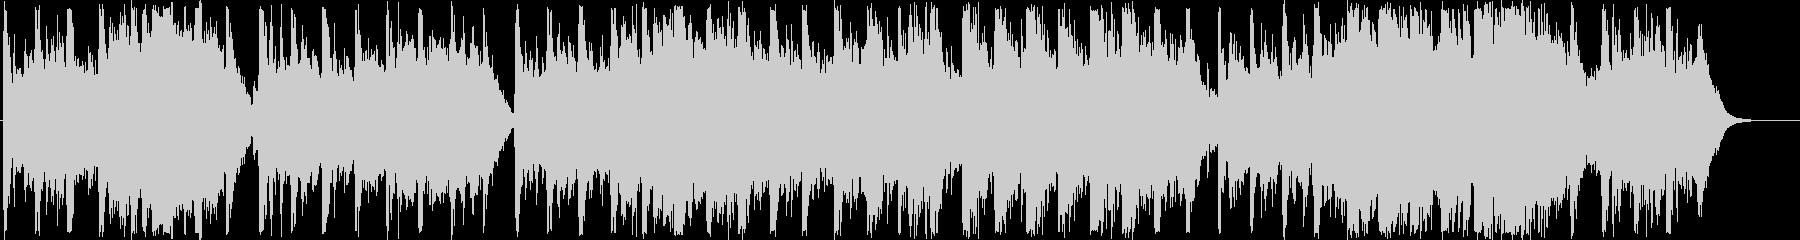 ファンタジーなシンセ・鈴など短めサウンドの未再生の波形